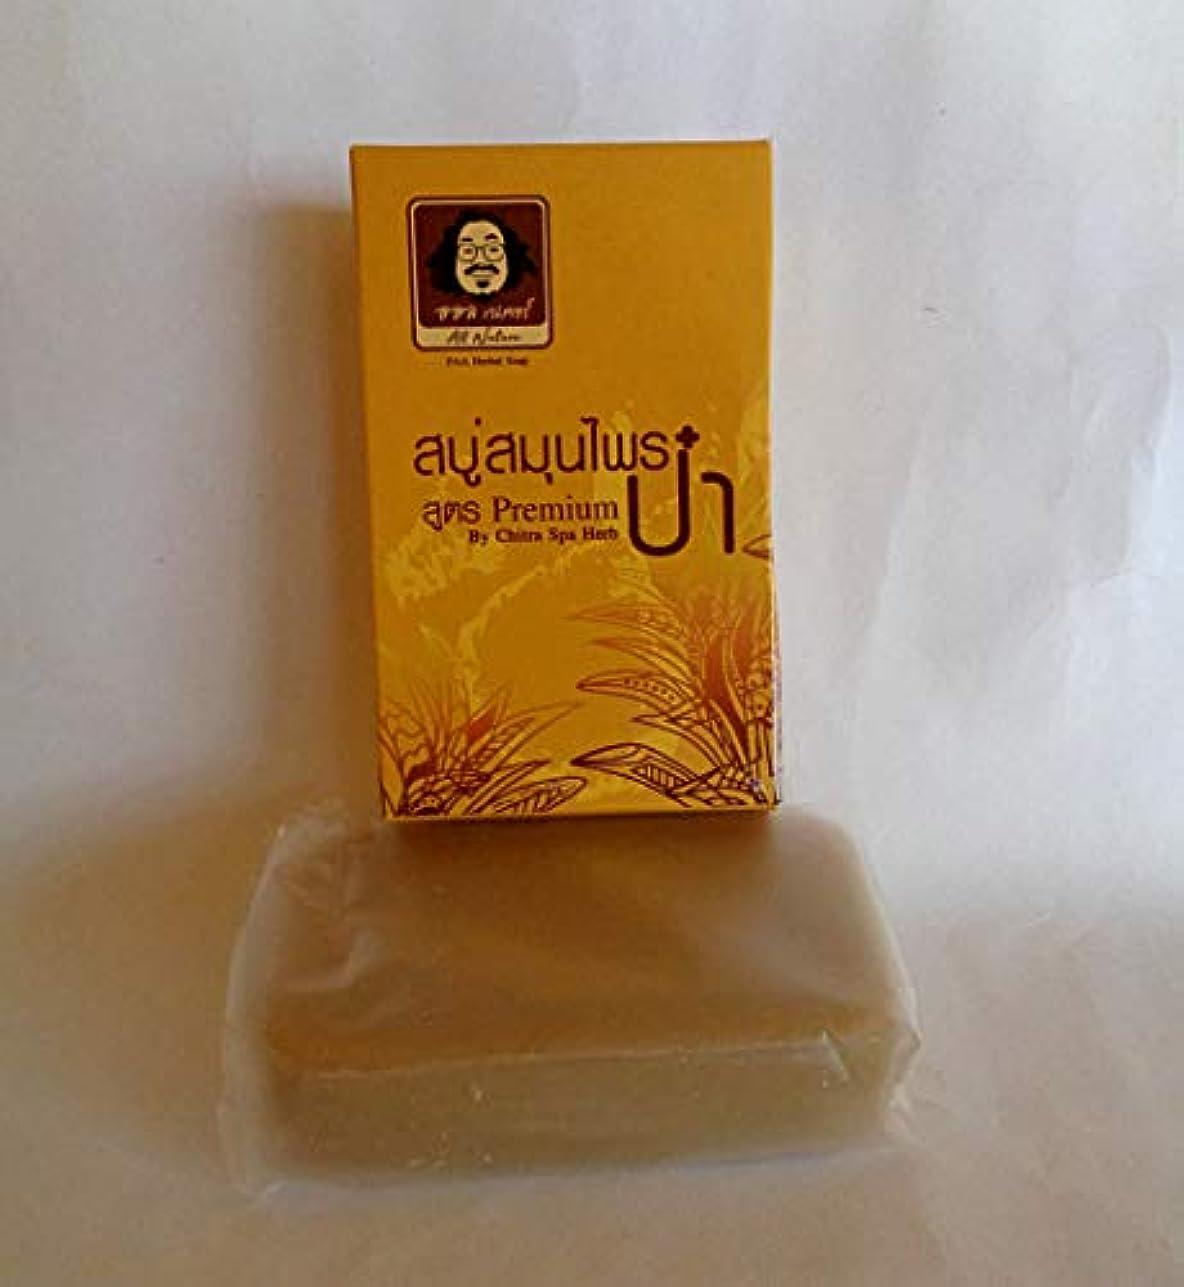 部族矛盾適合するPaa Herbal soap all nature chemical free Premium Fomula ハーバルソープオールケミカルフリープレミアムフォーミュラ 100 g.